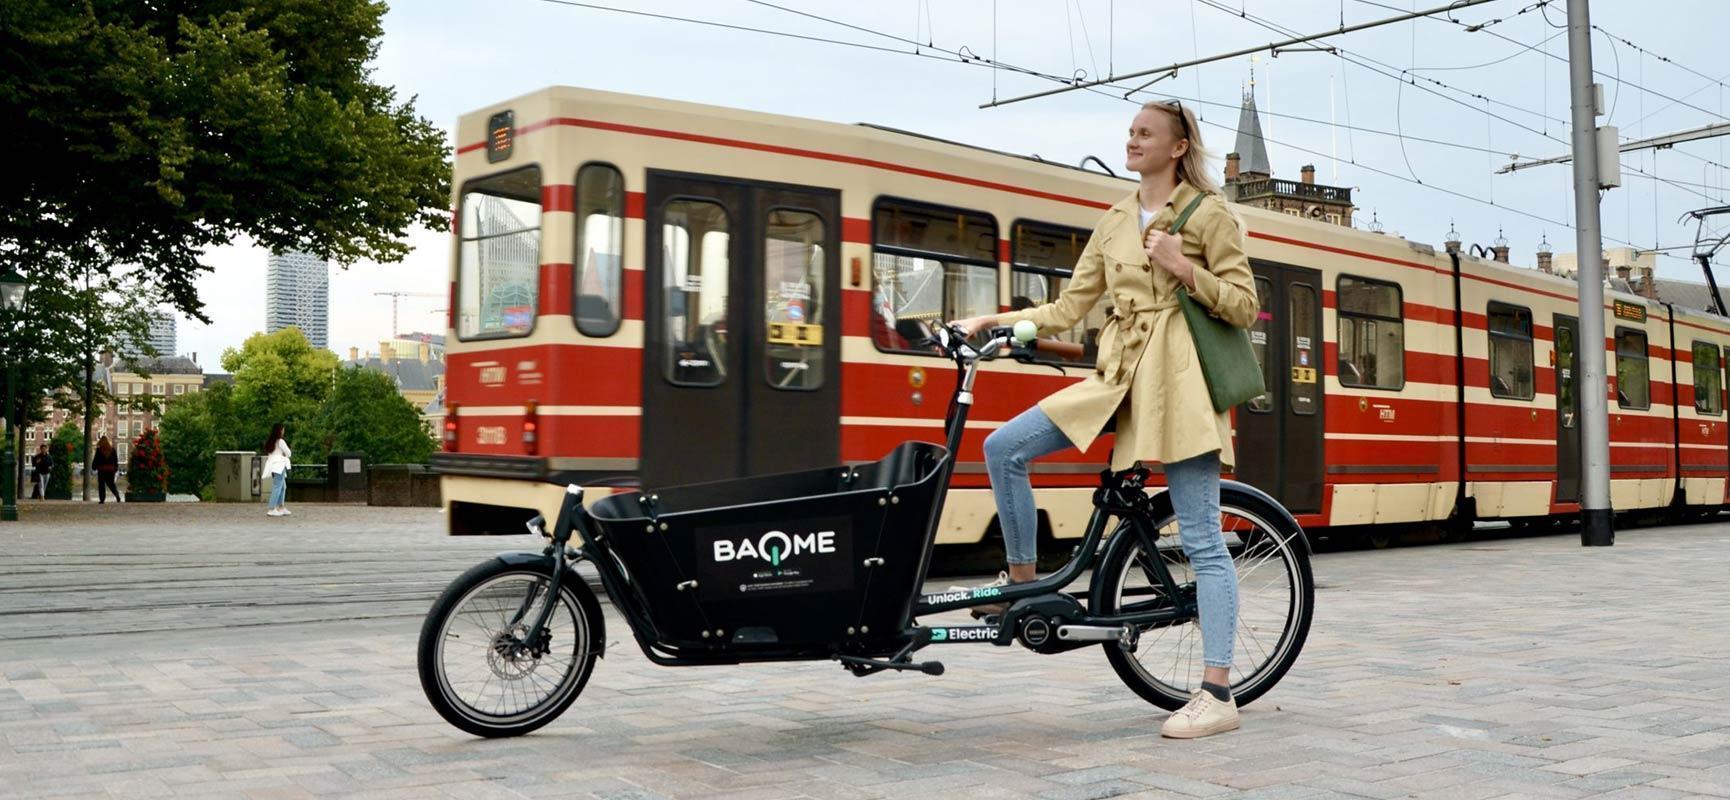 BAQME: Babboe bakfiets huren in Den Haag of Rotterdam